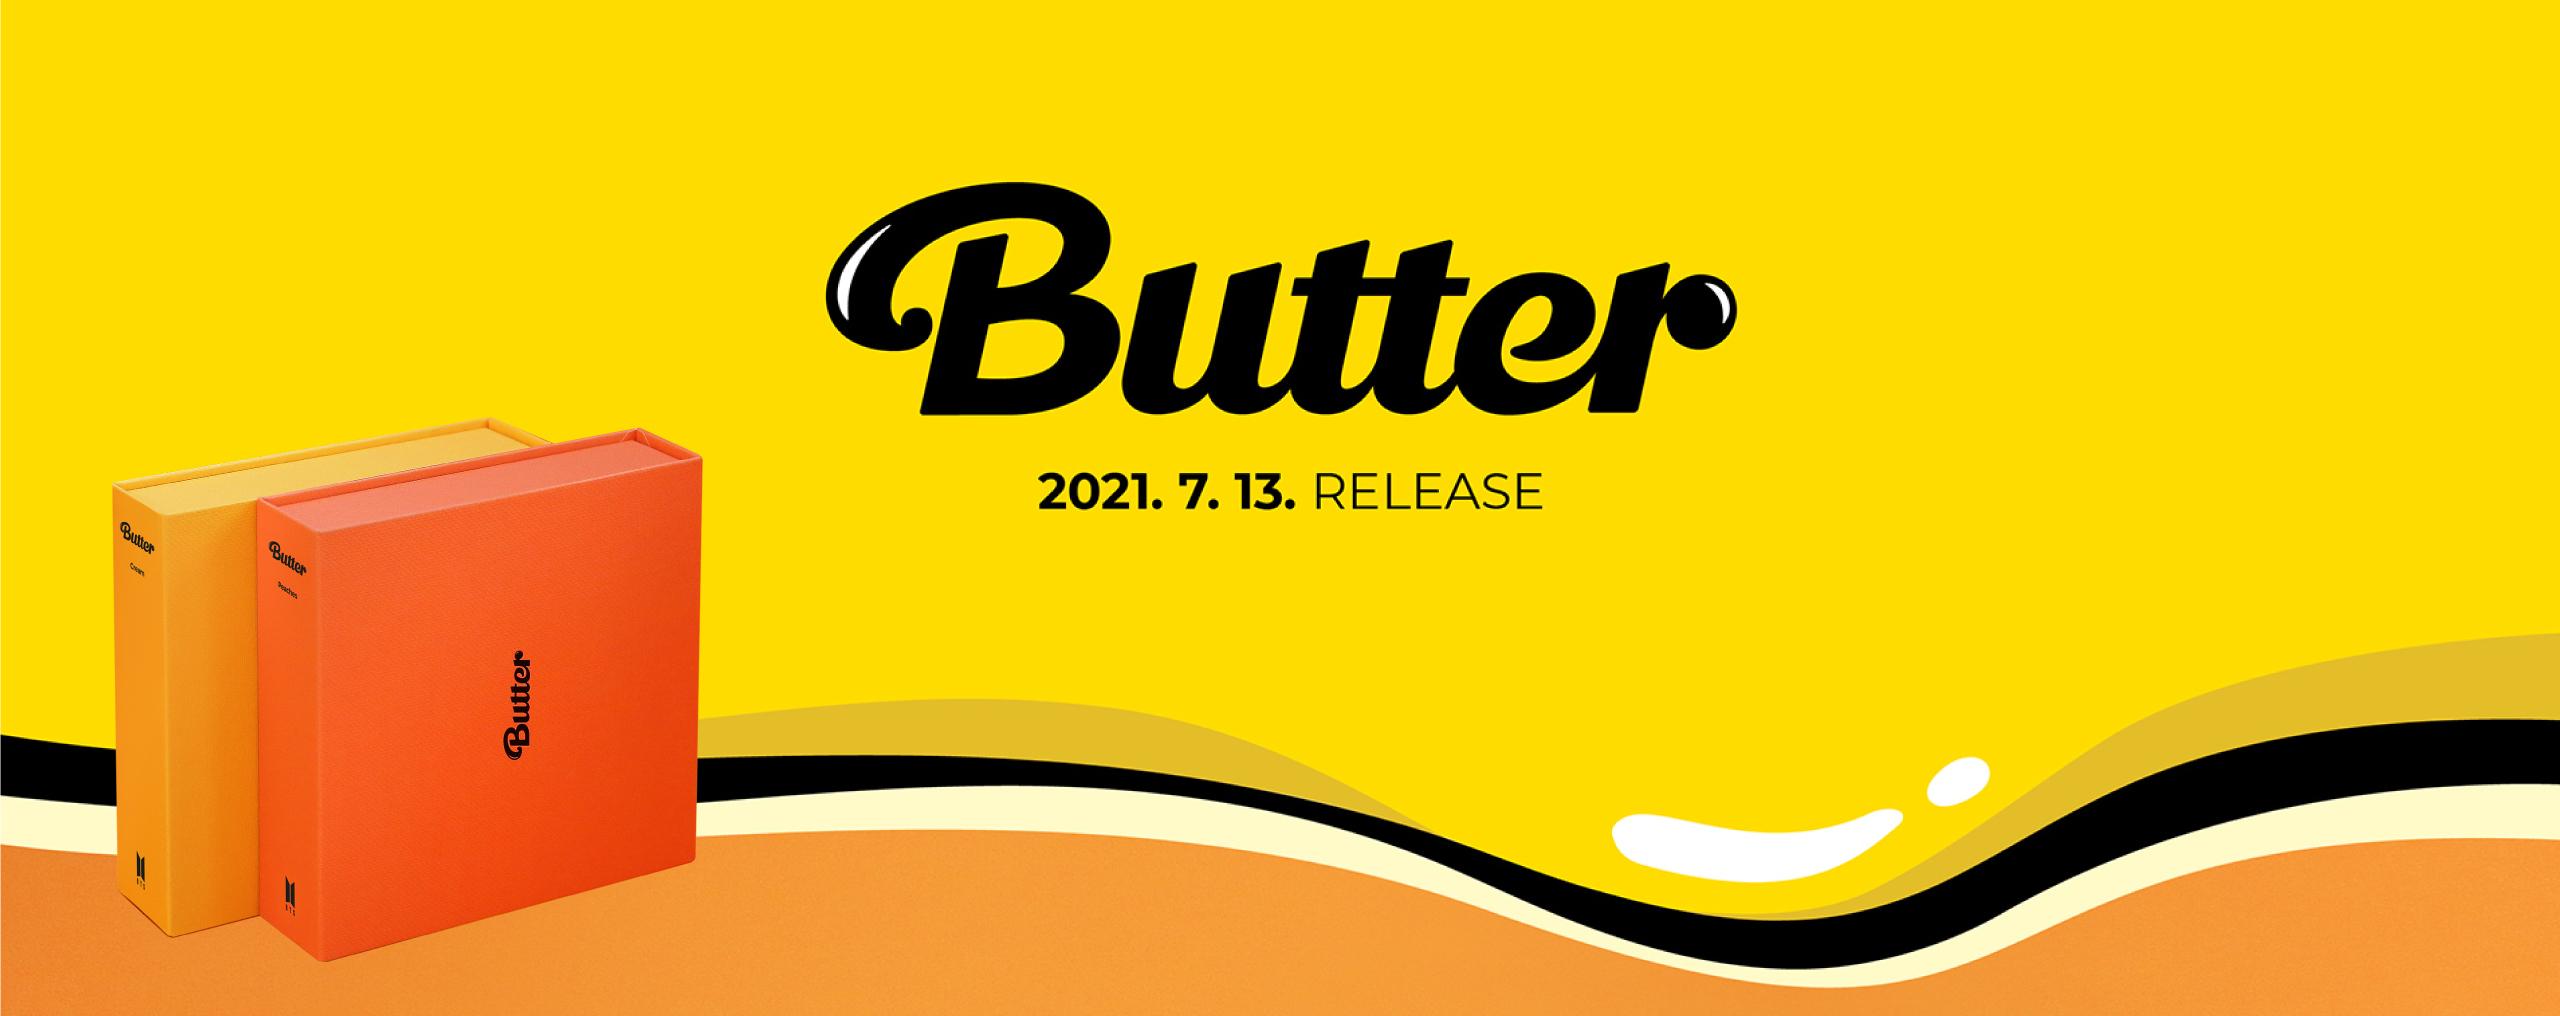 21614_BTS_Butter_US_banner_fix_FCPC